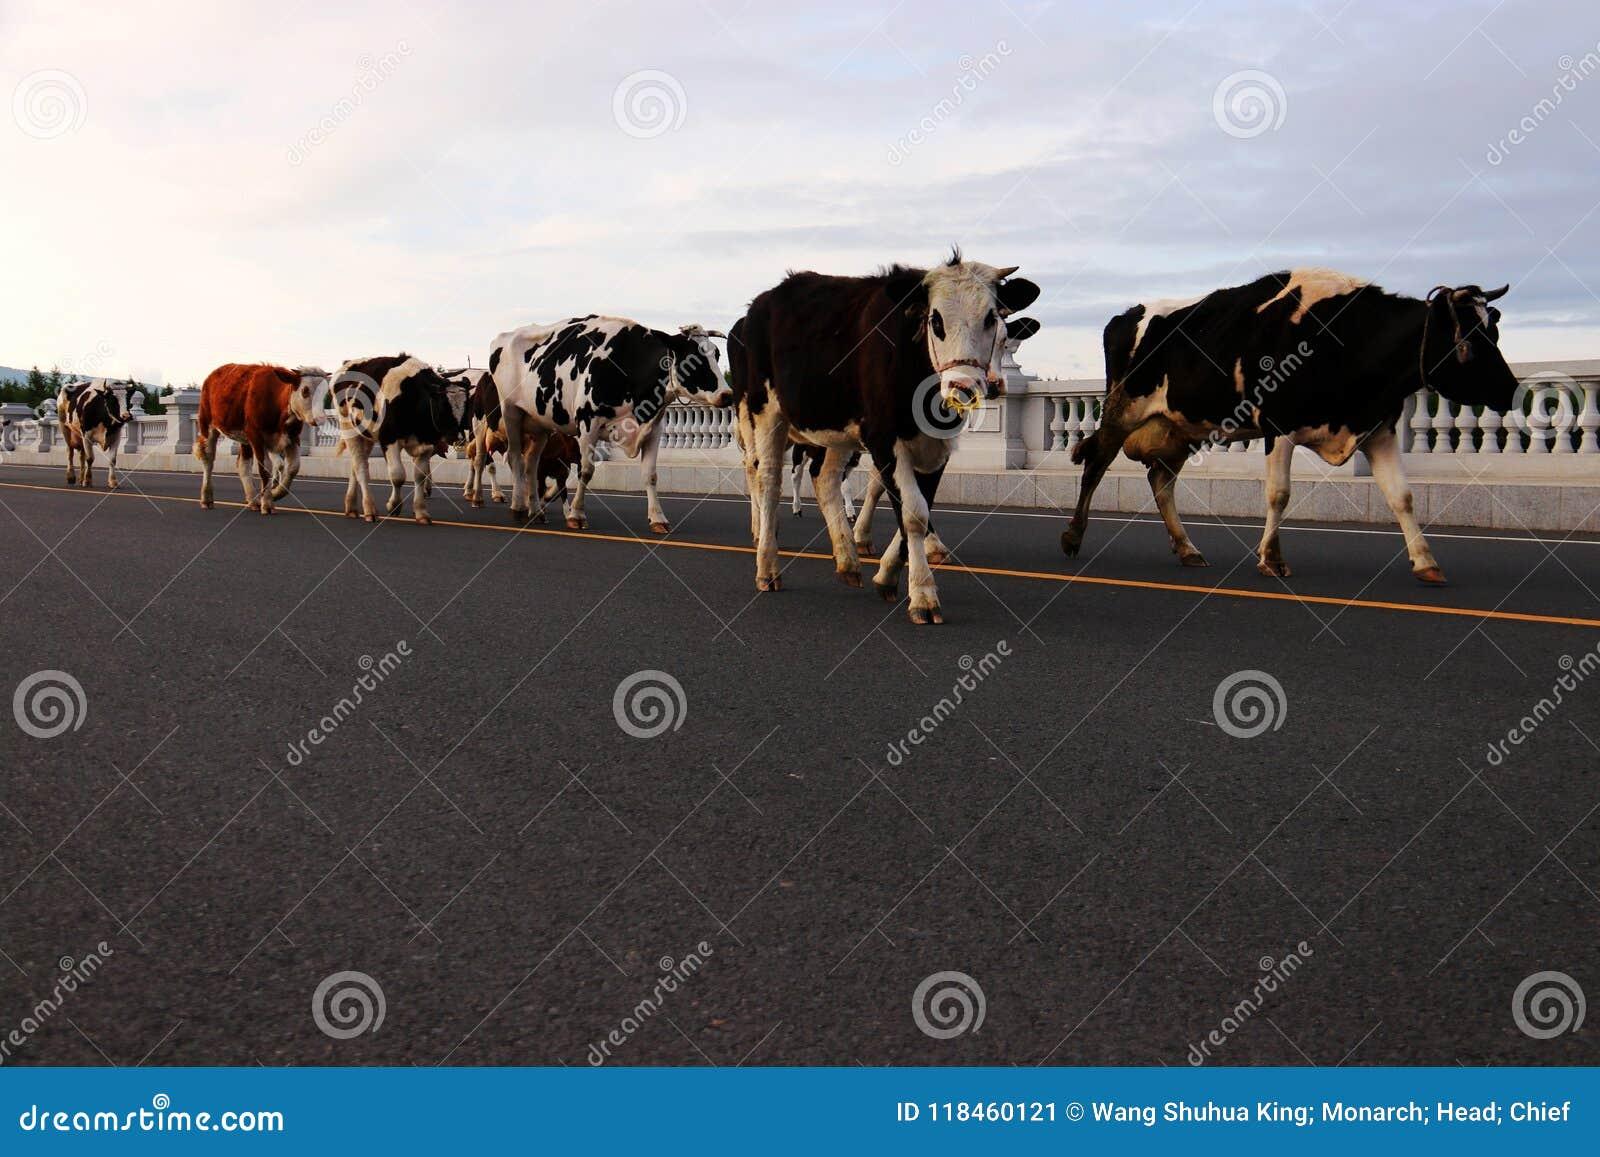 Βοοειδή  βόδι  ένα επώνυμο  moggy  μουγκρητό-αγελάδα